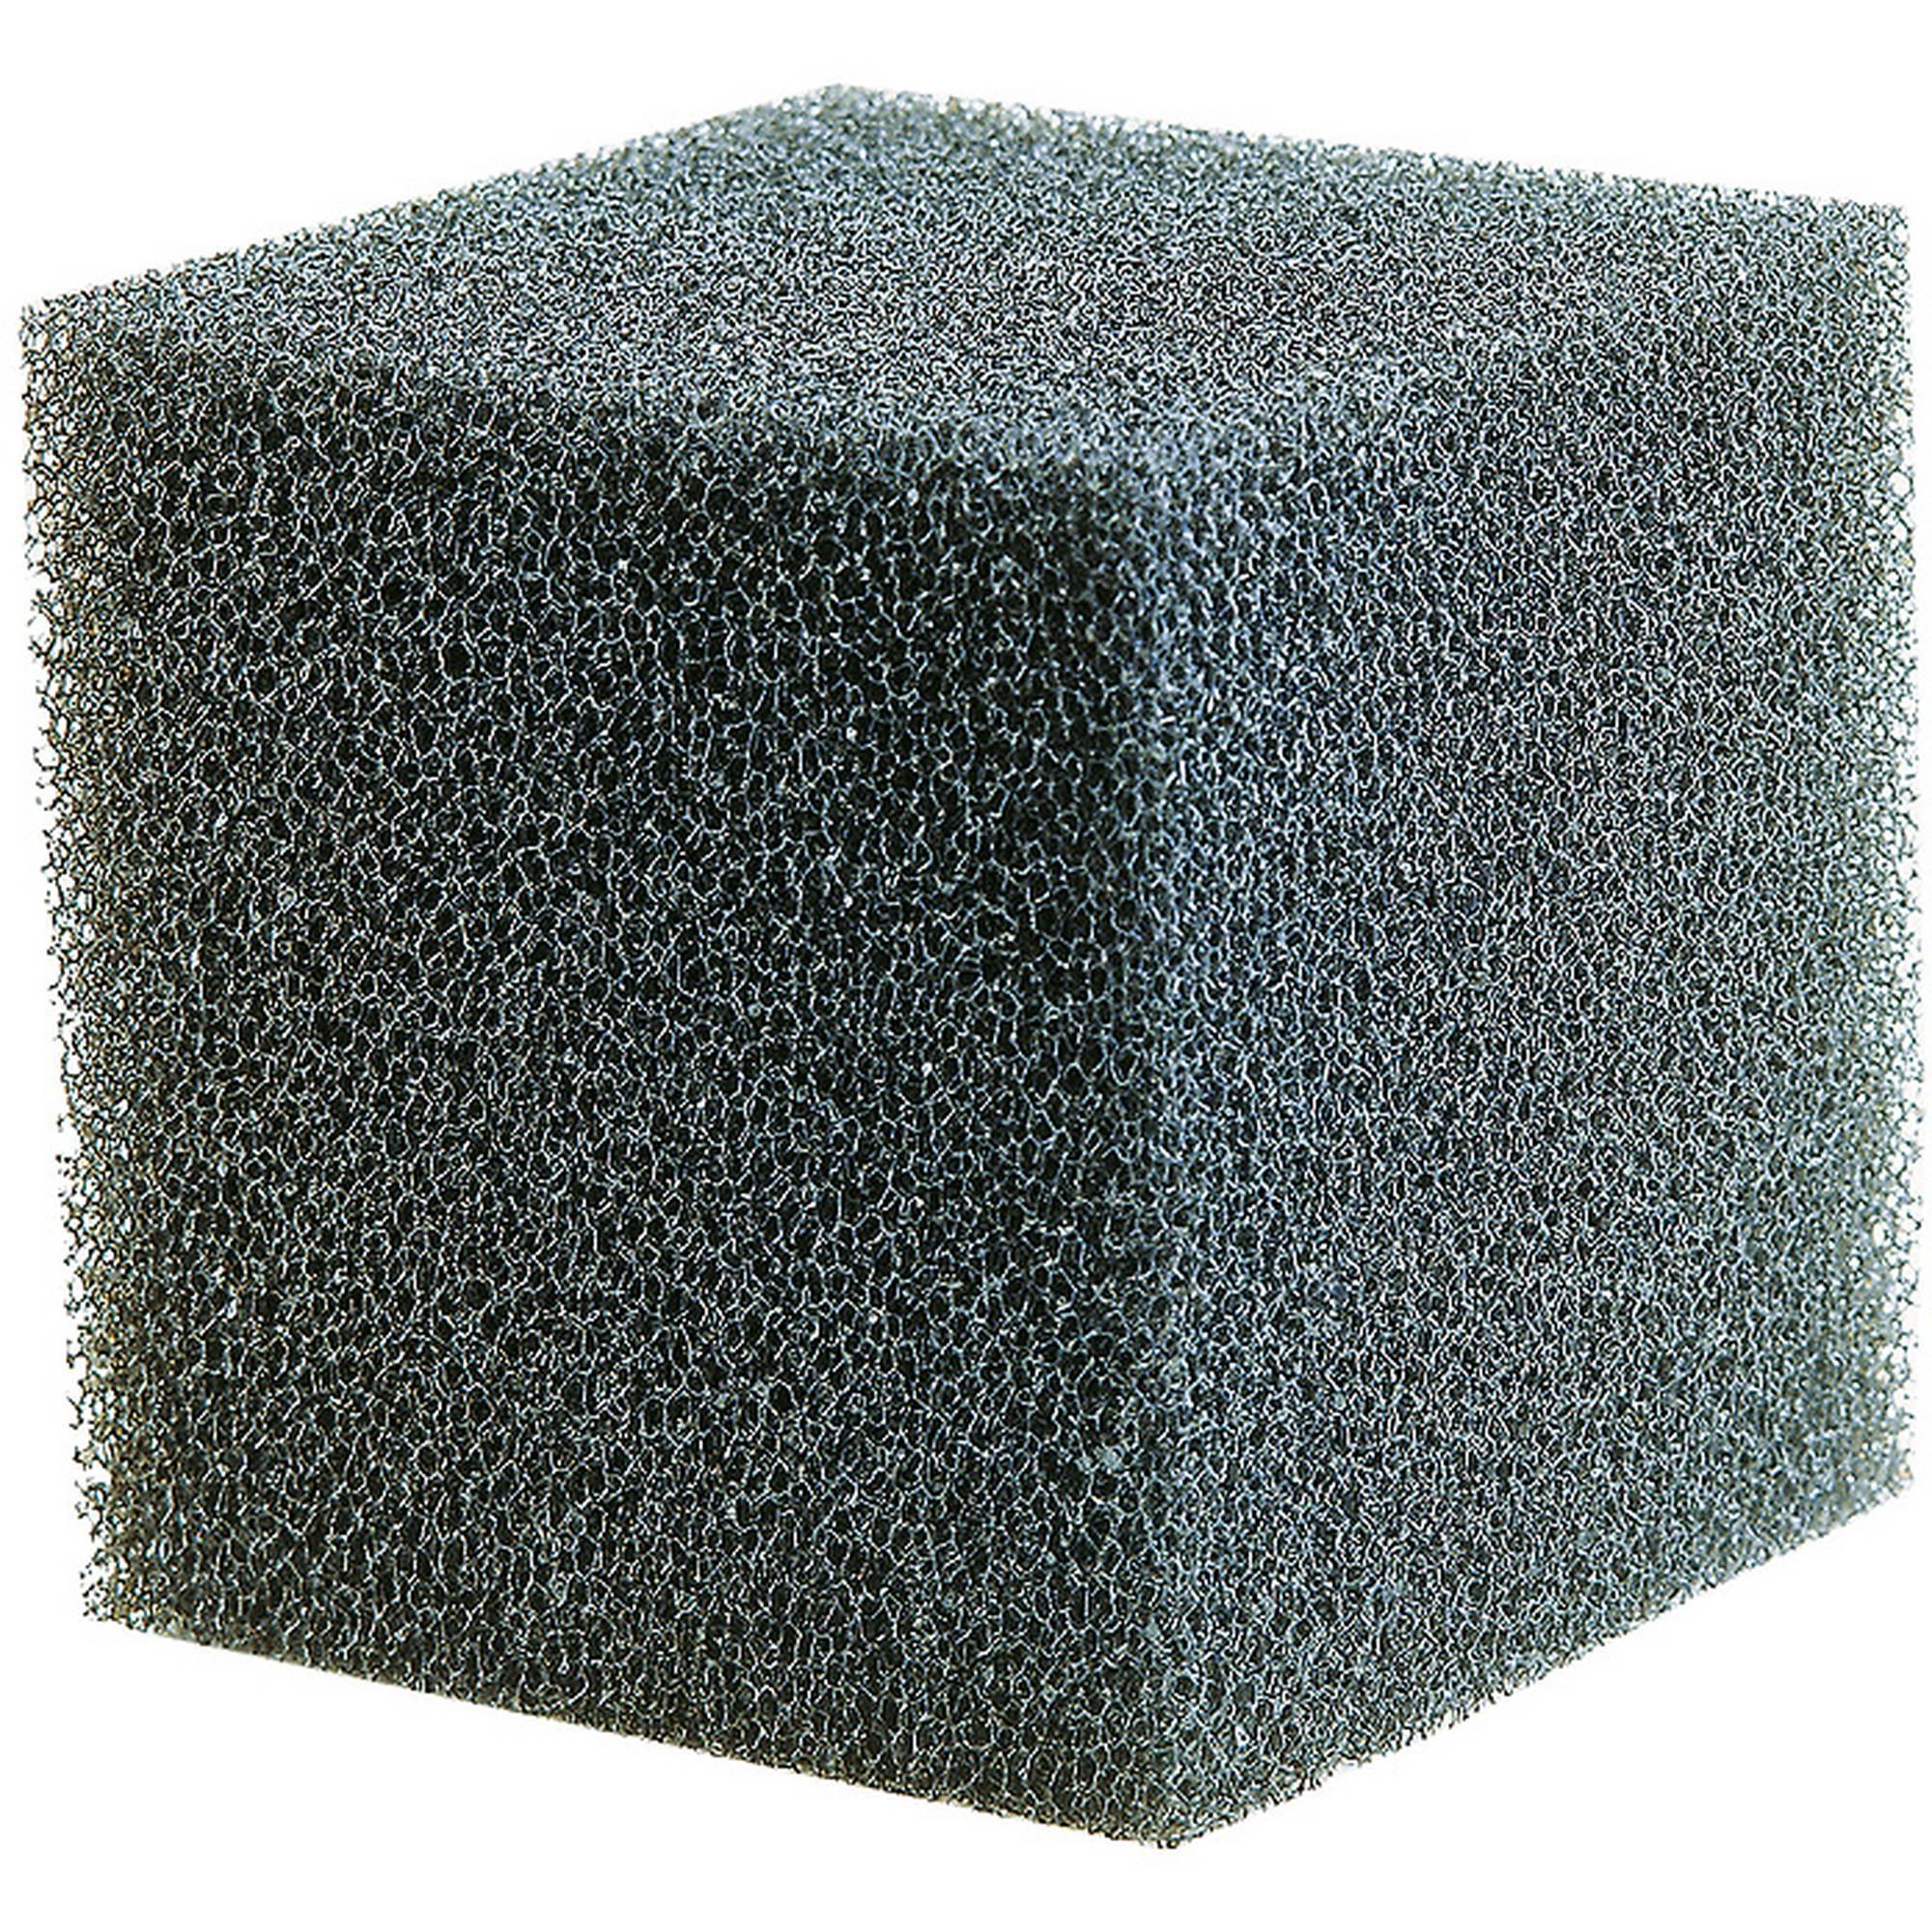 Filterschwamm Filtermaterial Filter Würfel grob Vorfilter